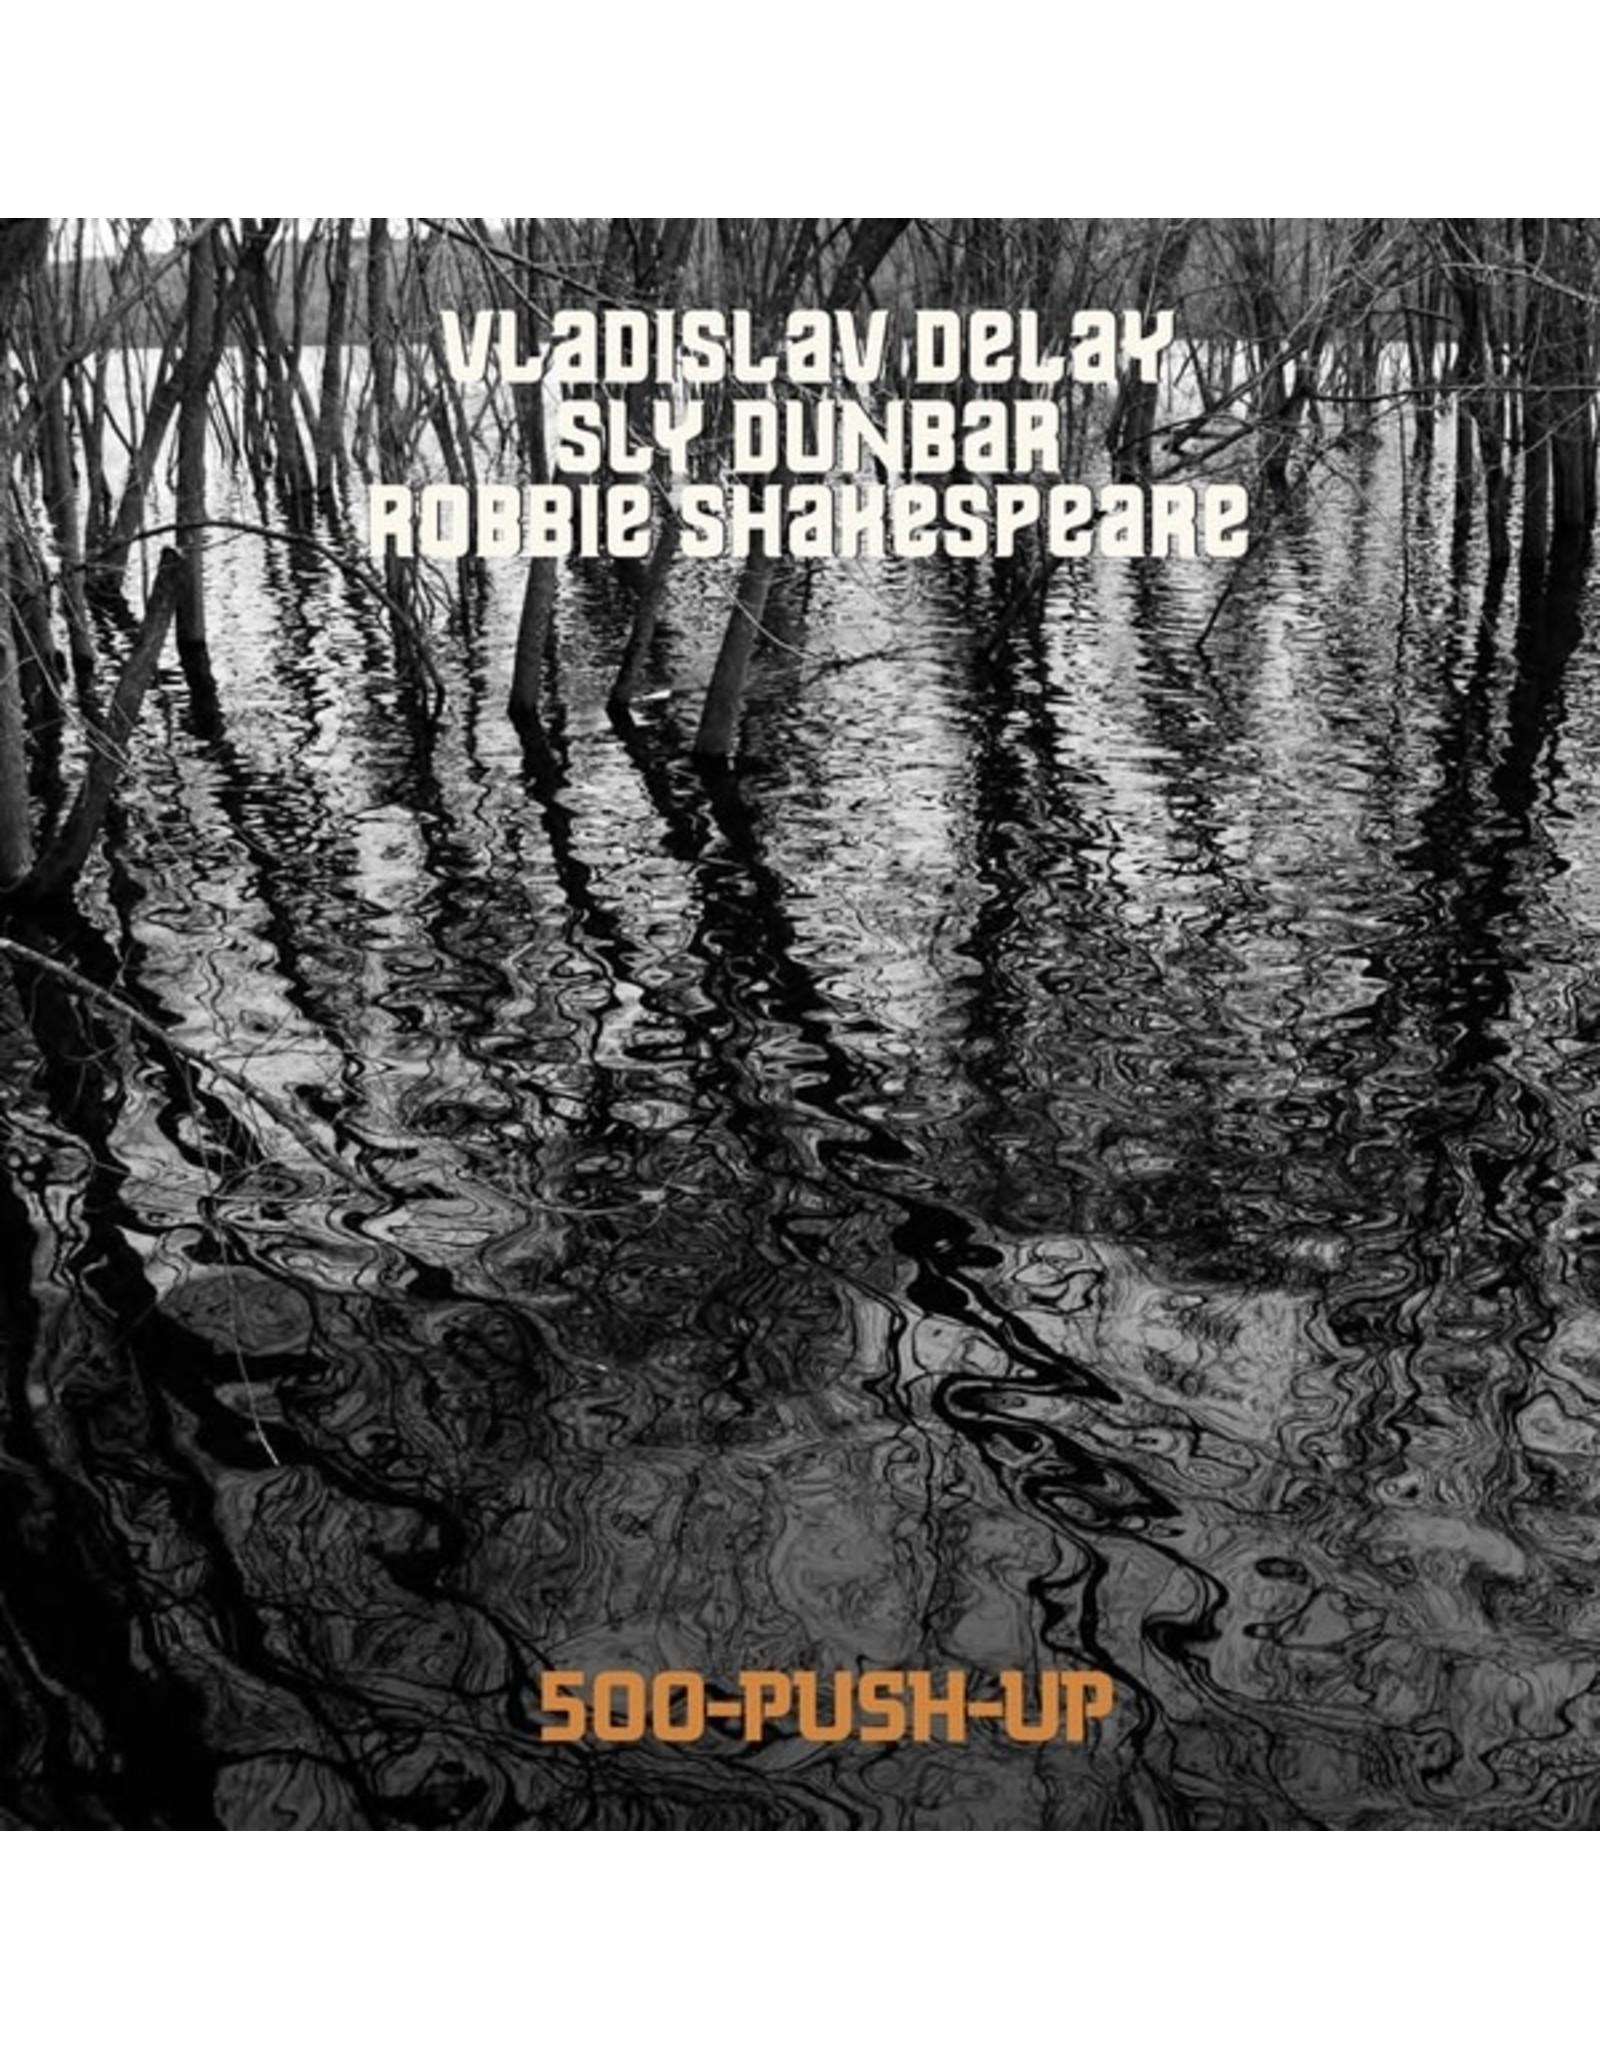 New Vinyl Vladislav Delay / Sly Dunbar / Robbie Shakespeare - 500-Push-Up LP